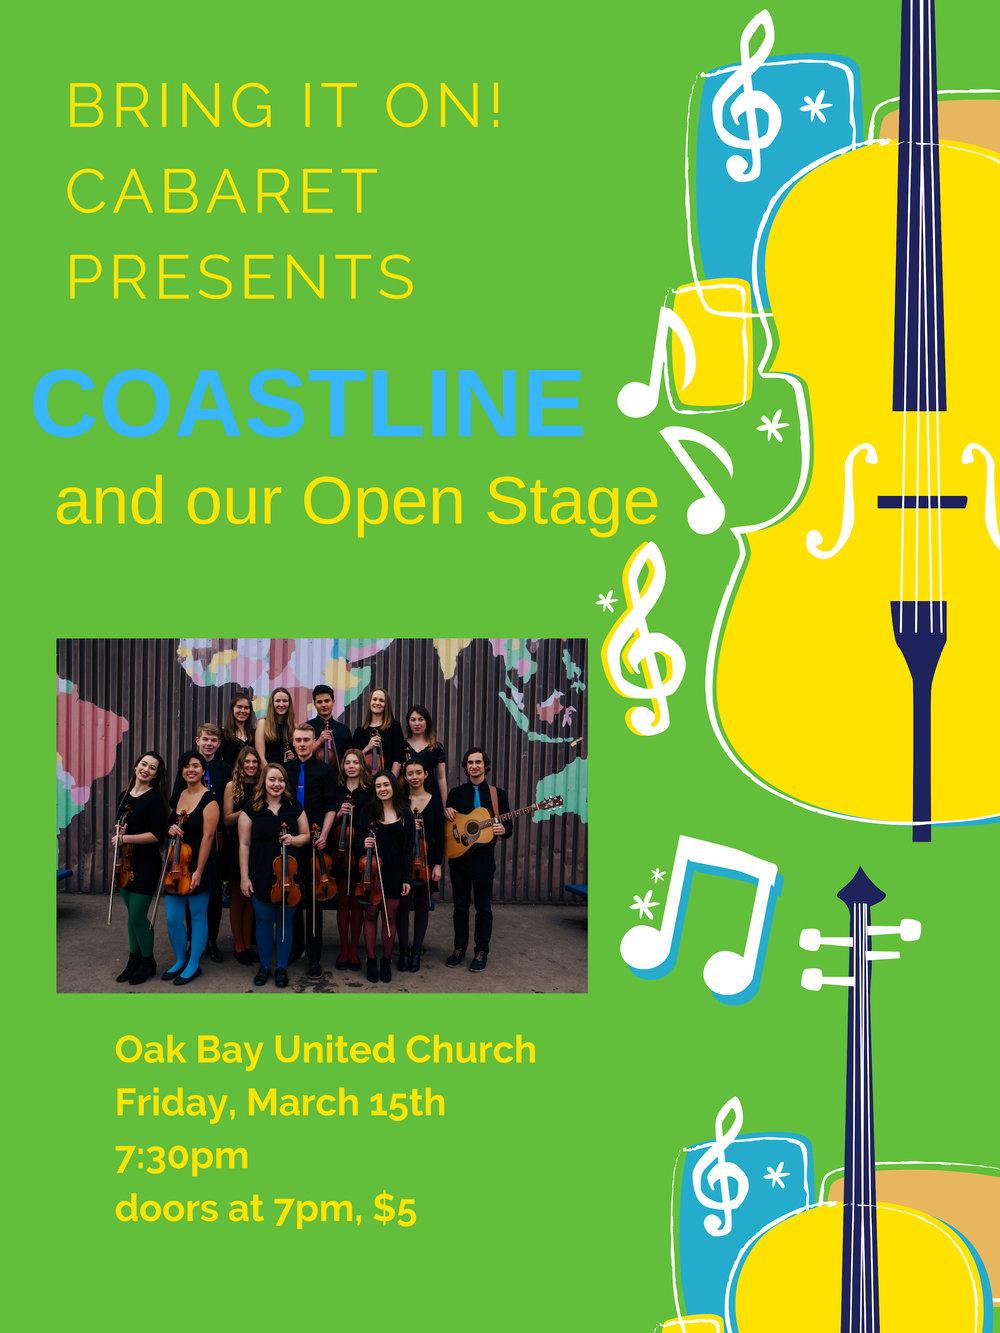 coastlinecabaret.jpg